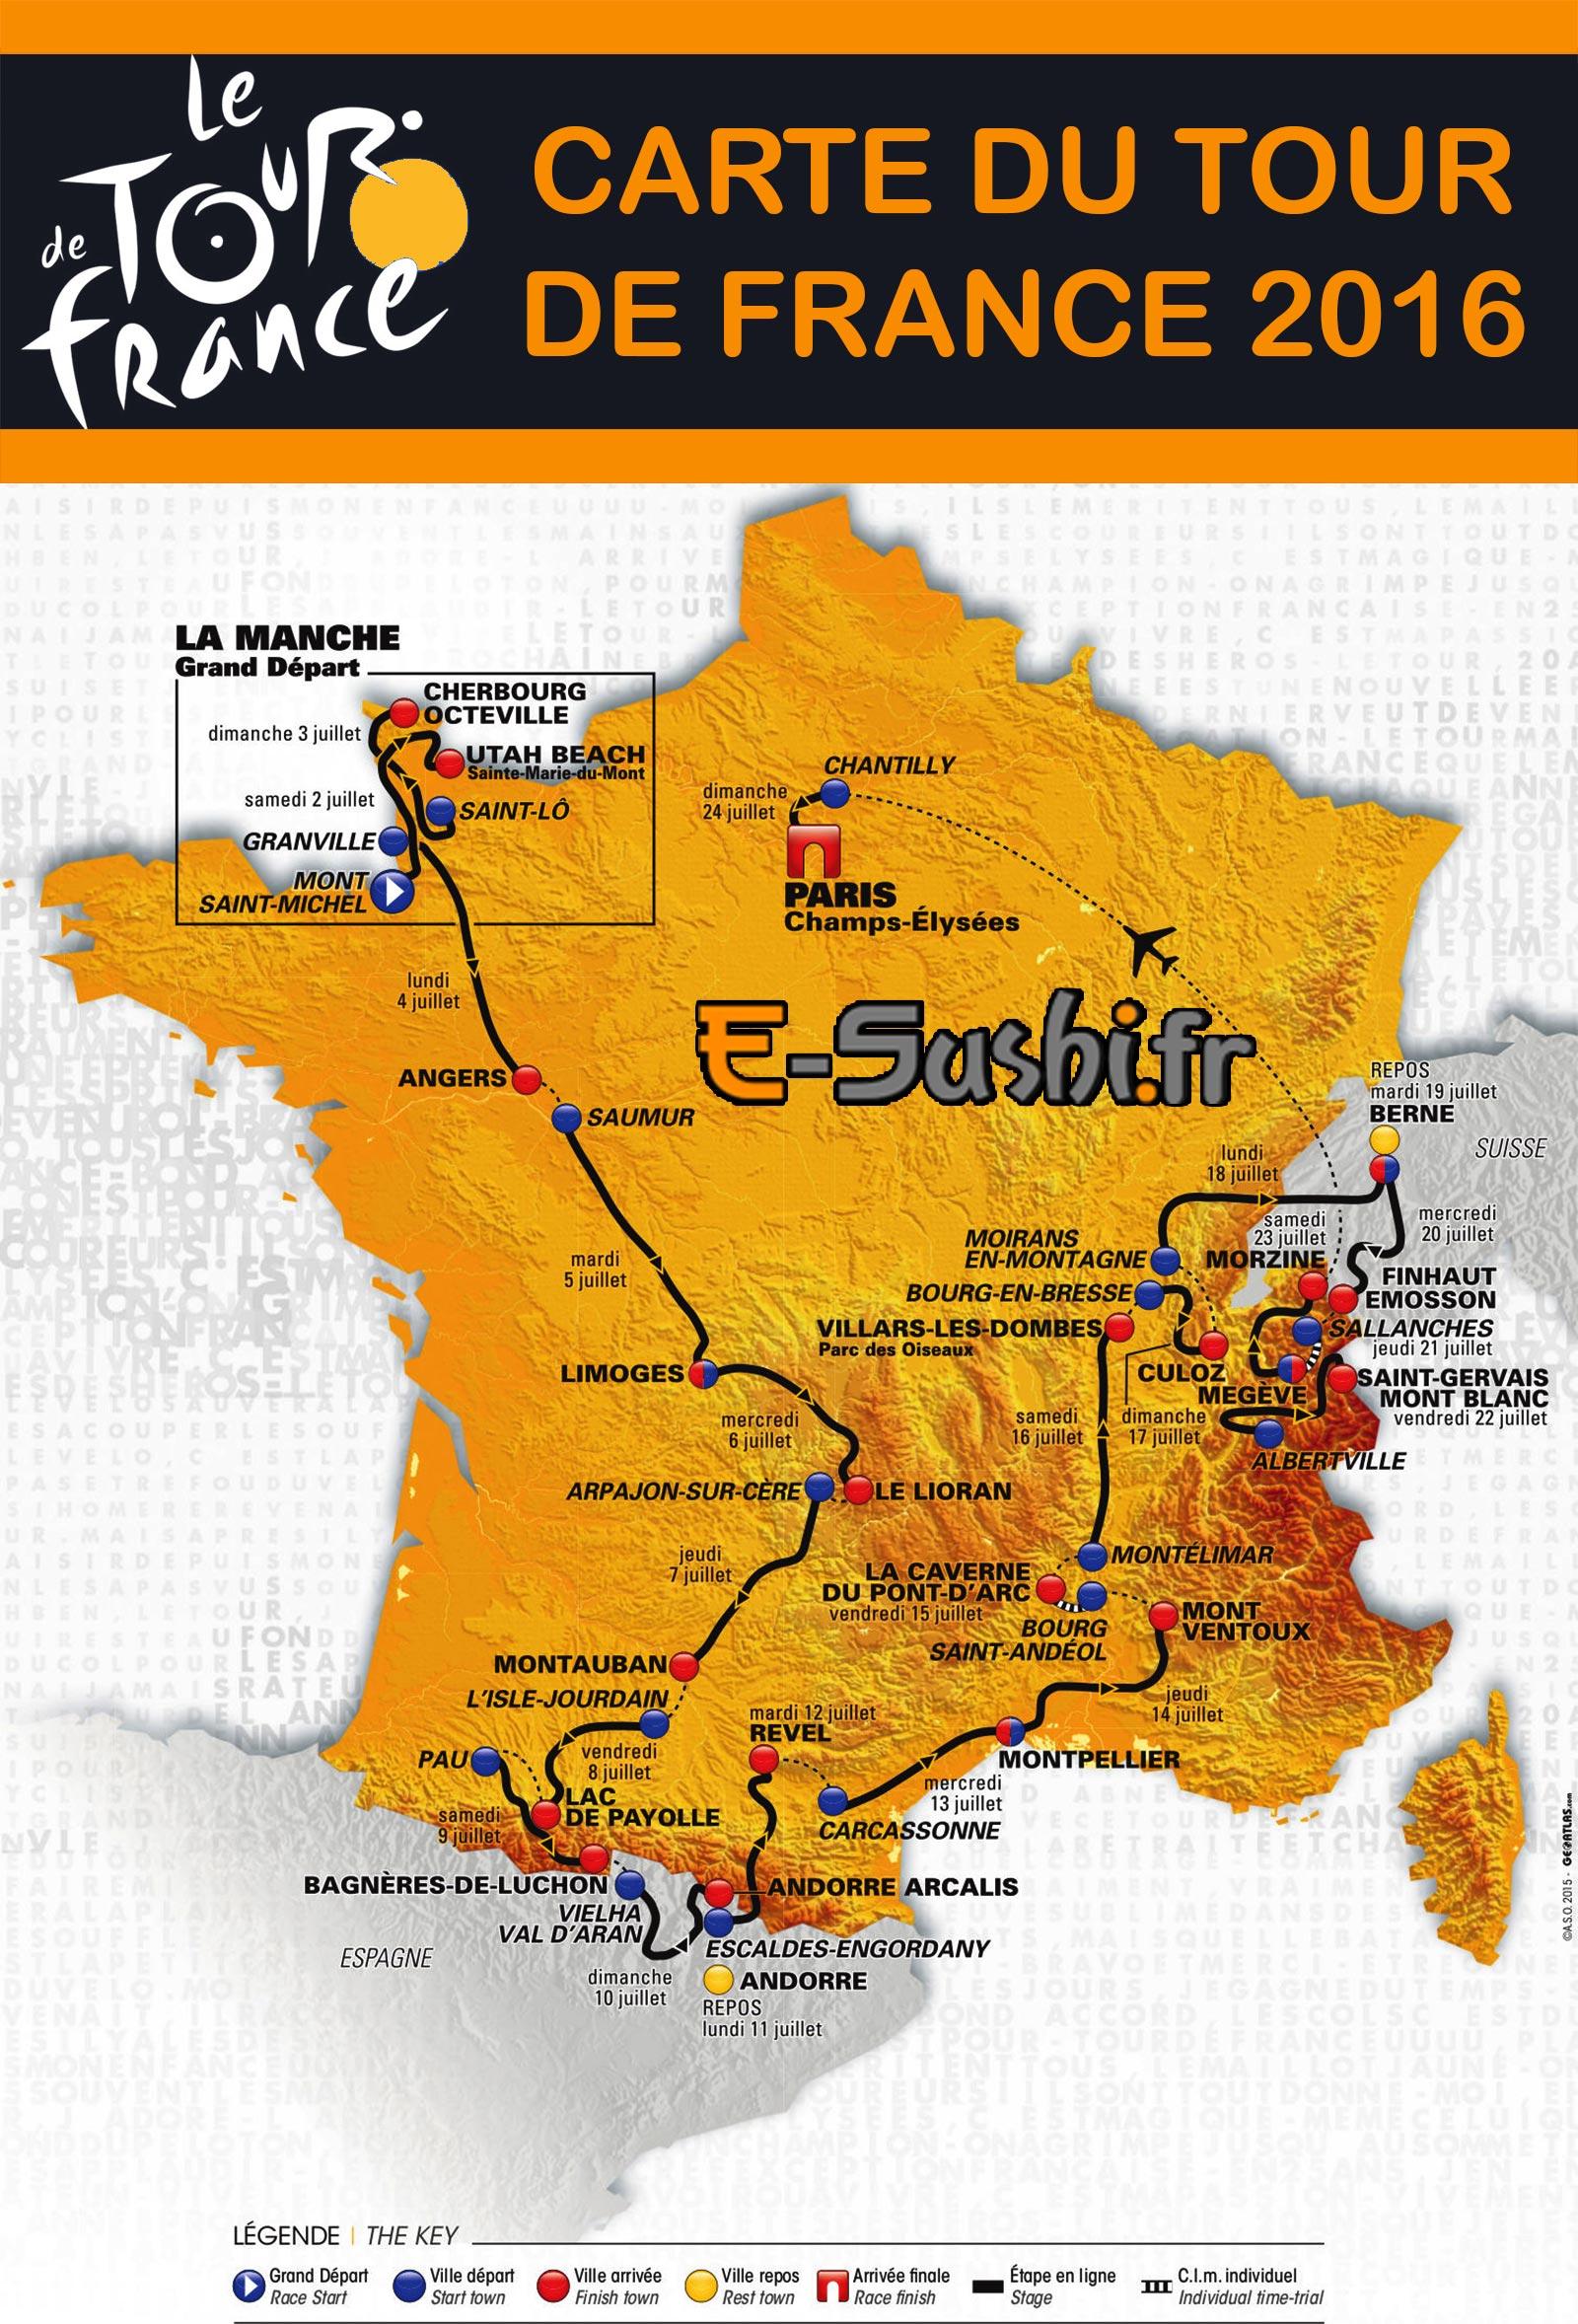 Tour de Francia 2016 - Página 2 Carte-tour-de-france-2016